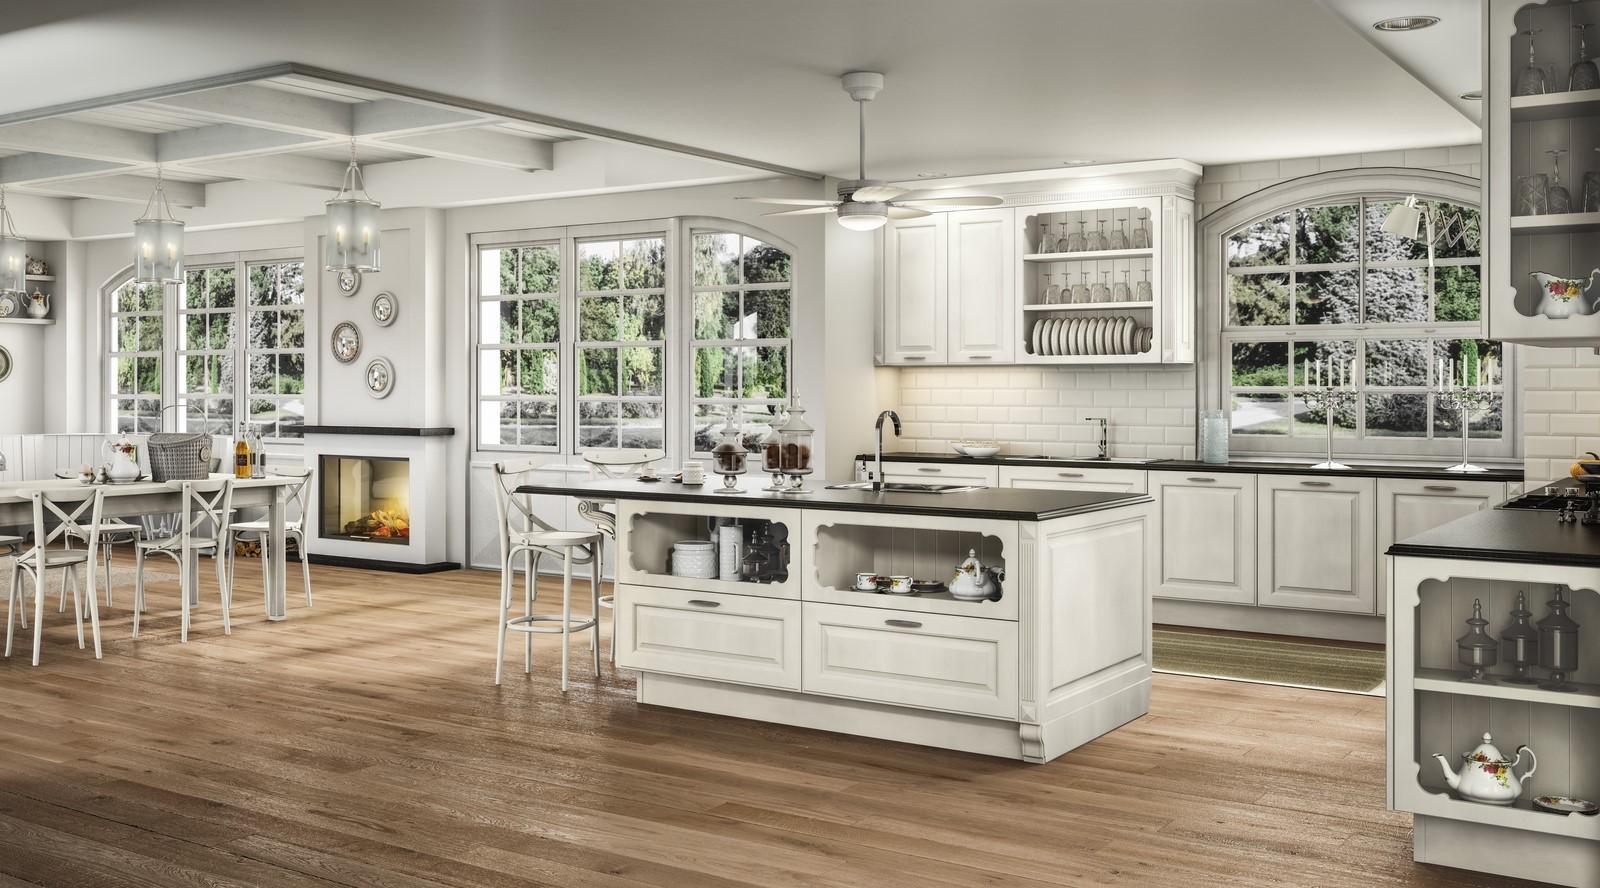 Cucine classiche ad